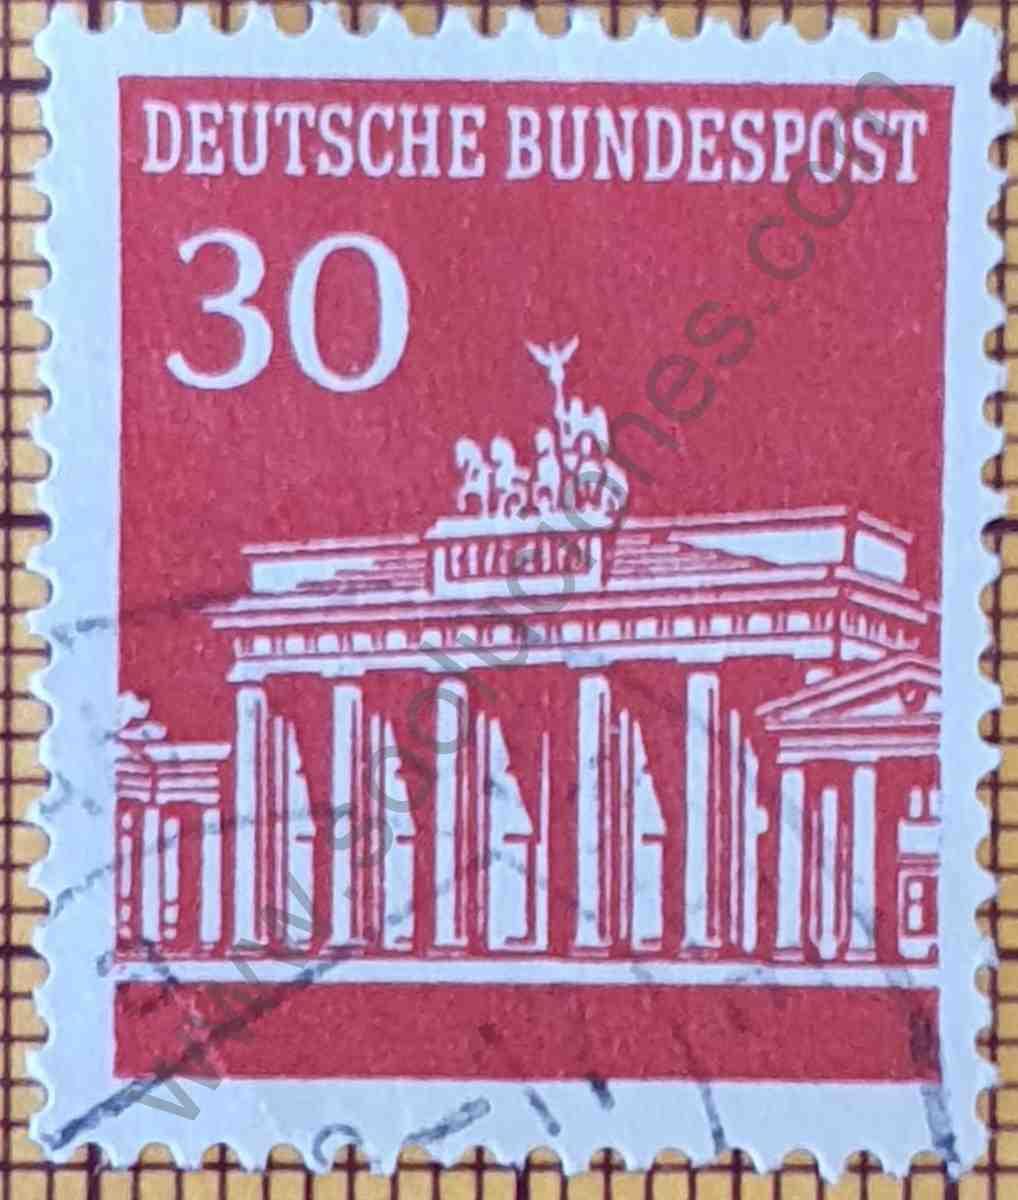 Puerta Brandenburg sello de 30Pf - Alemania año 1966